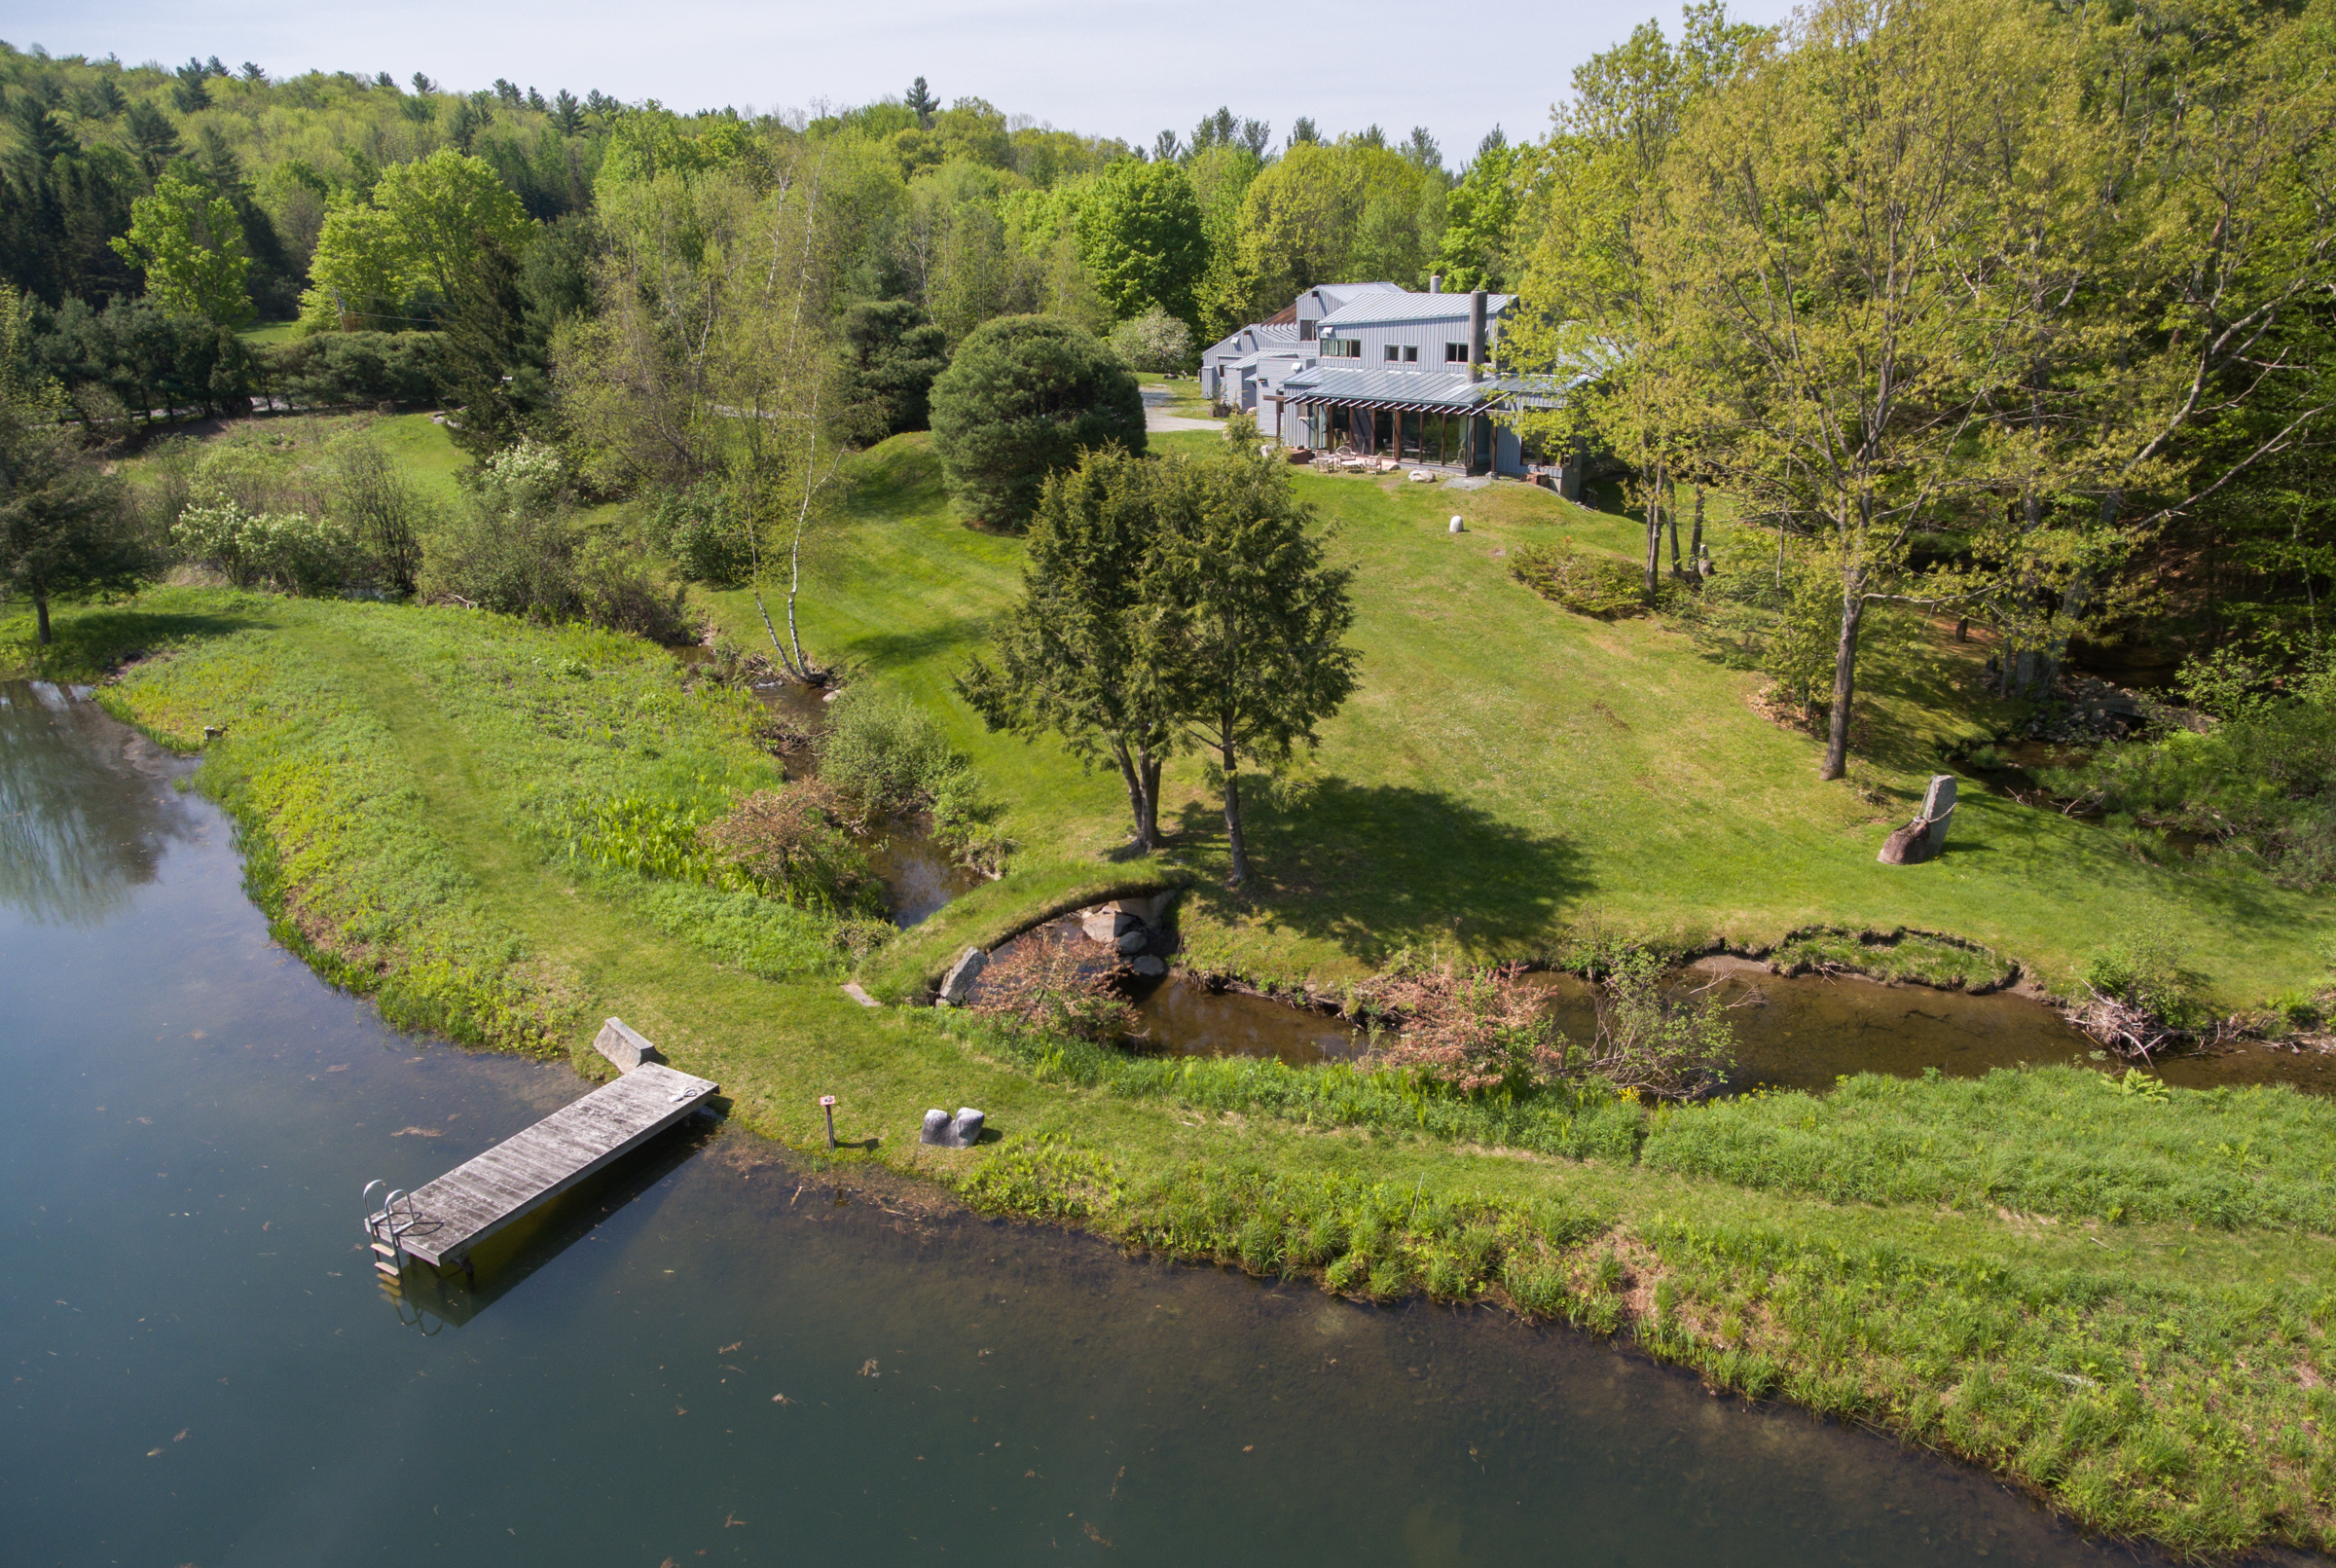 Villa per Vendita alle ore Vermont Mountain Retreat + Spa 2427 Monument Hill Rd Castleton, Vermont, 05735 Stati Uniti